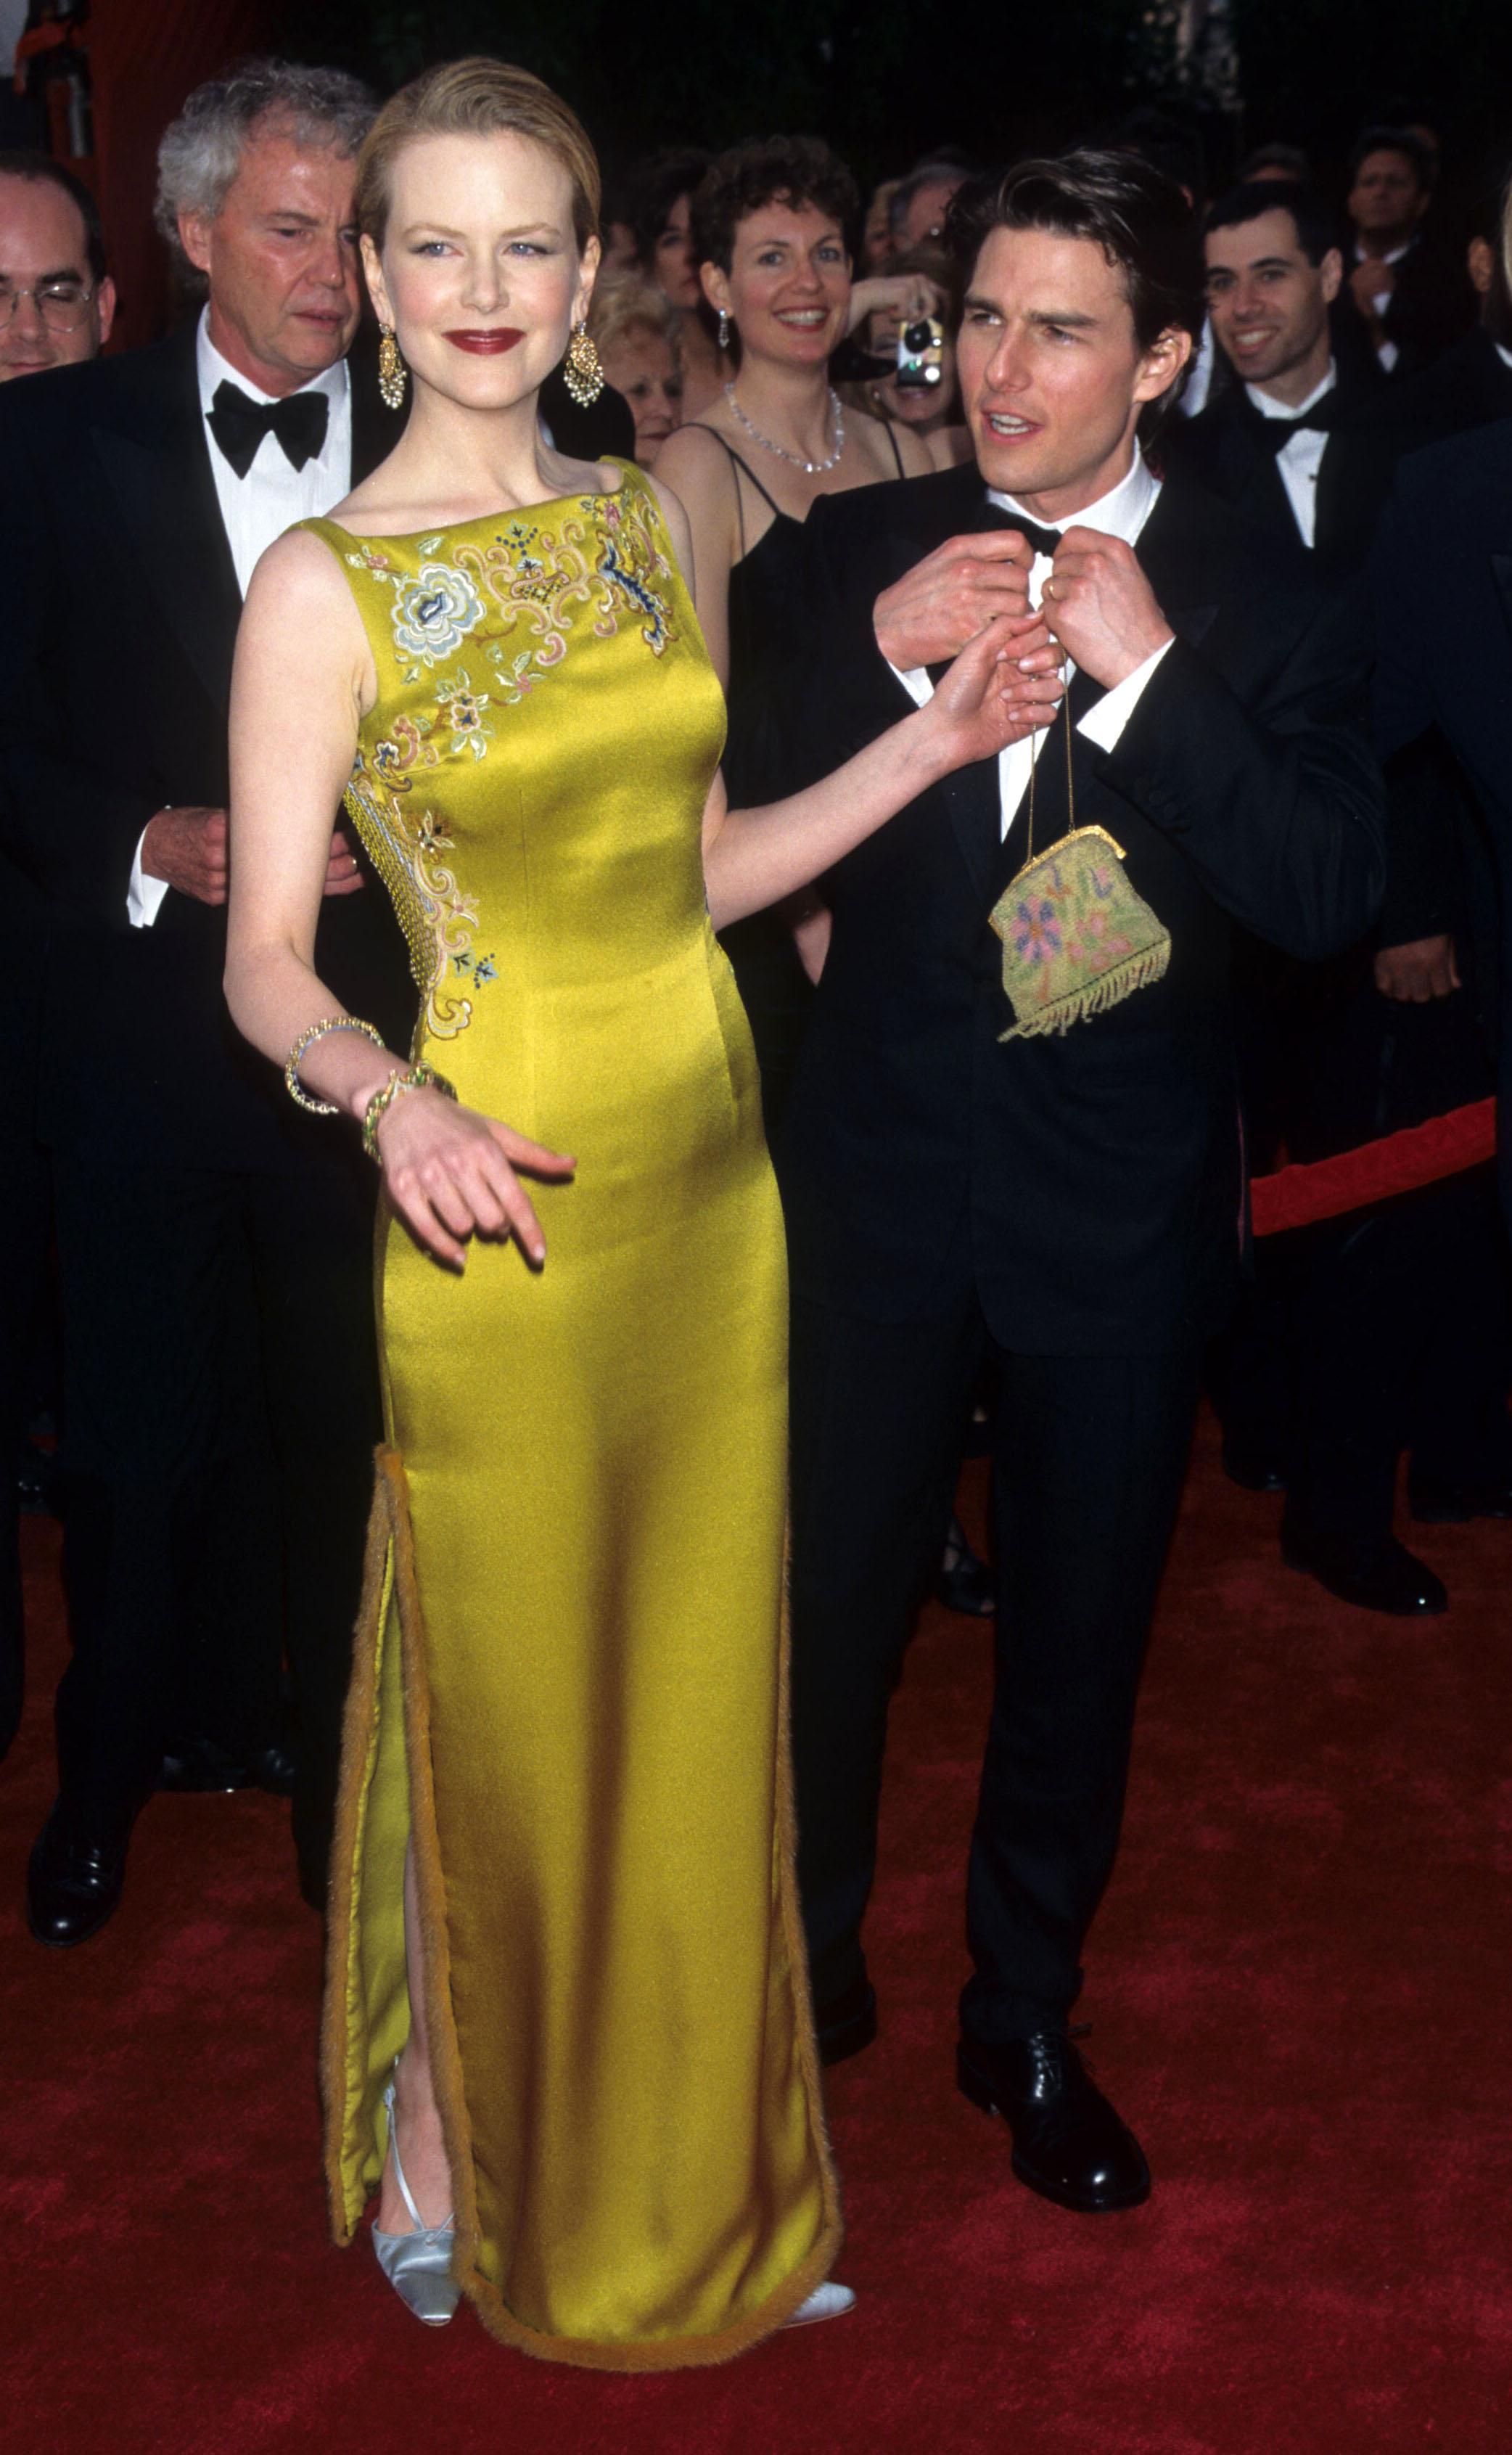 Nicole Kidman e Tom Cruise no tapete vermelho do Oscar de 1997. A atriz está usando um vestido longo dourado sem mangas, com fenda lateral e bordados na região do colo. Ela está sorrindo, sem mostrar os dentes, e segurando uma bolsa pequena dourada com uma das mãos. Tom Cruise está ao lado direito dela, com um terno preto e uma camisa branca, com as mãos mexendo na gravata borboleta, olhando para o lado enquanto fala.